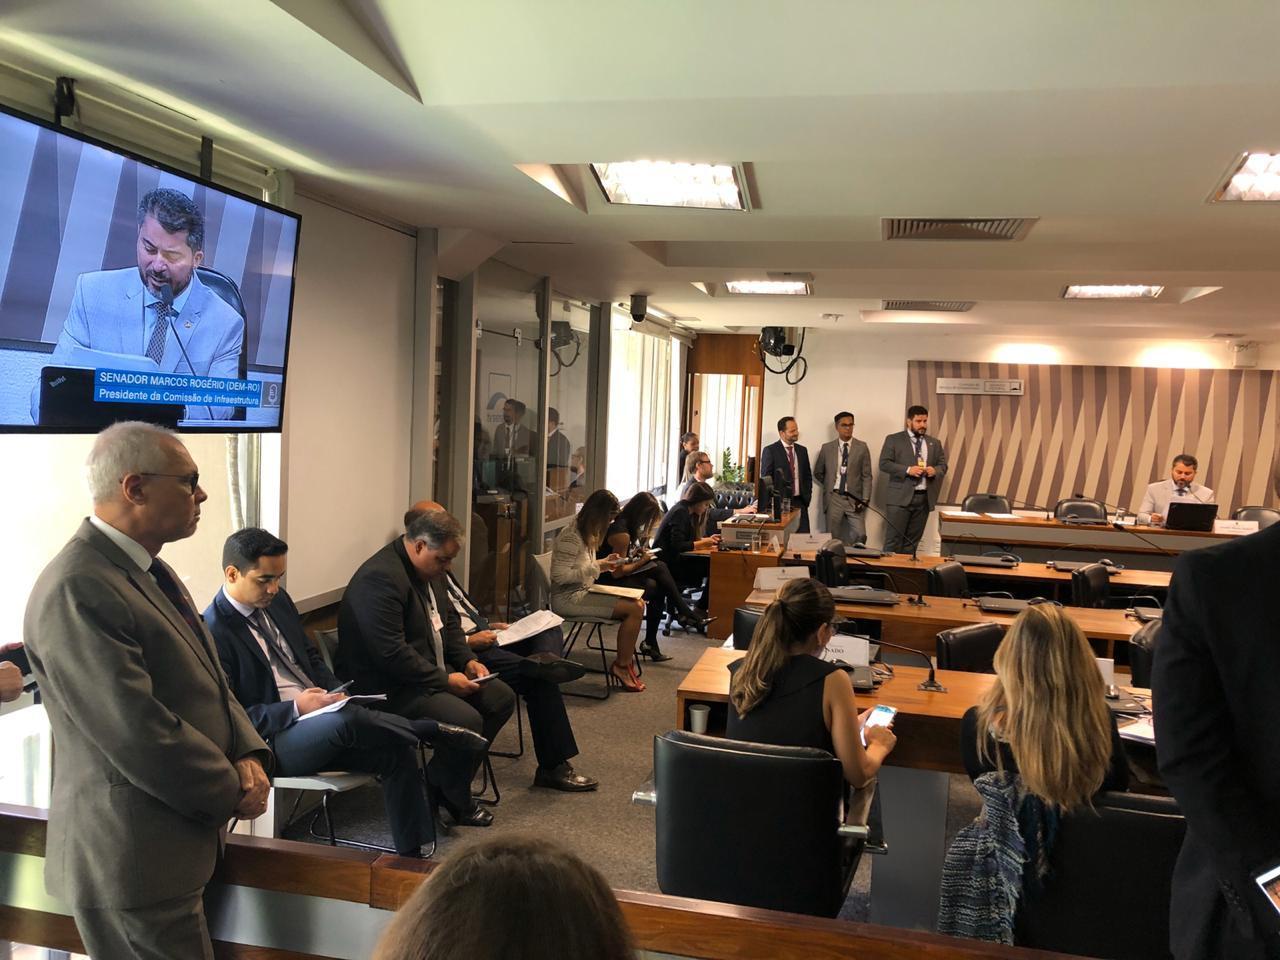 FENOP-participa-de-reuniões-no-Congresso-Nacional-nesta-terça-feira-2